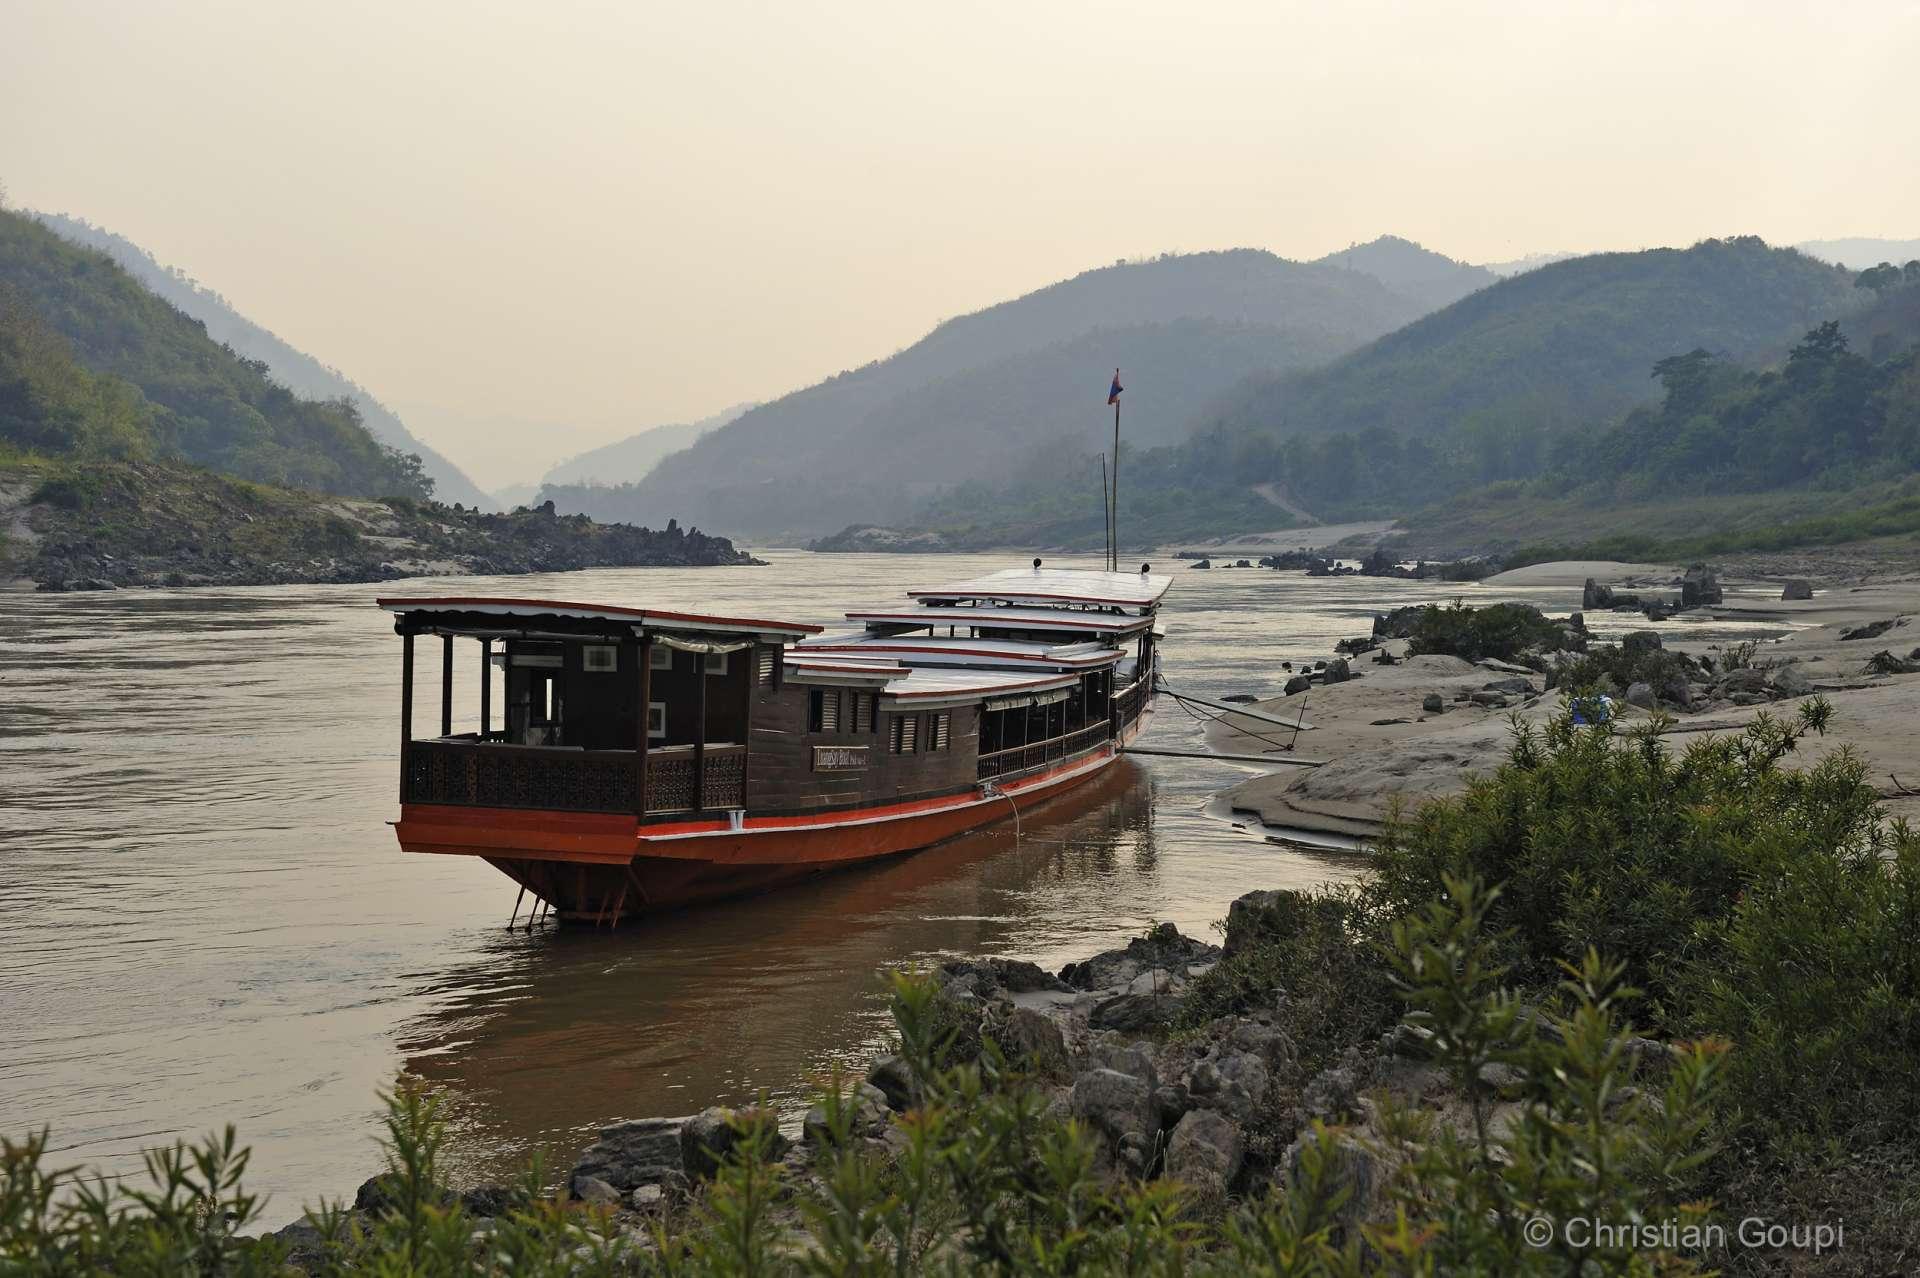 Laos - Notre bateau de croisière pour remonter vers Luang Prabang, à travers les gorges du Mékong.